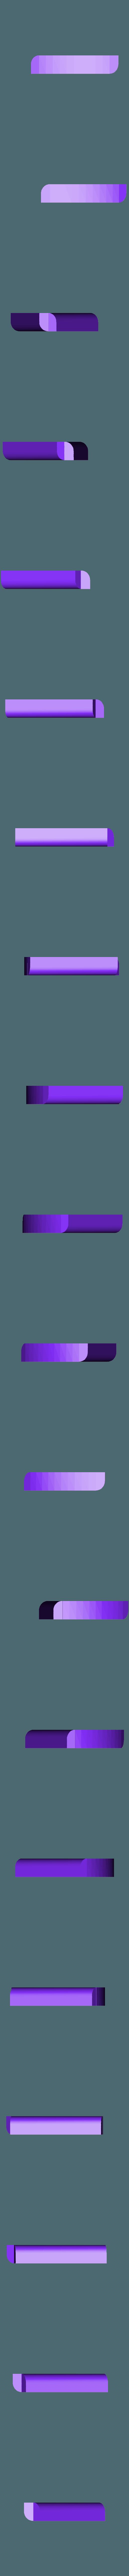 OrangeFacet2.STL Download free STL file SORCE Origami vertex • 3D printer design, byucmr